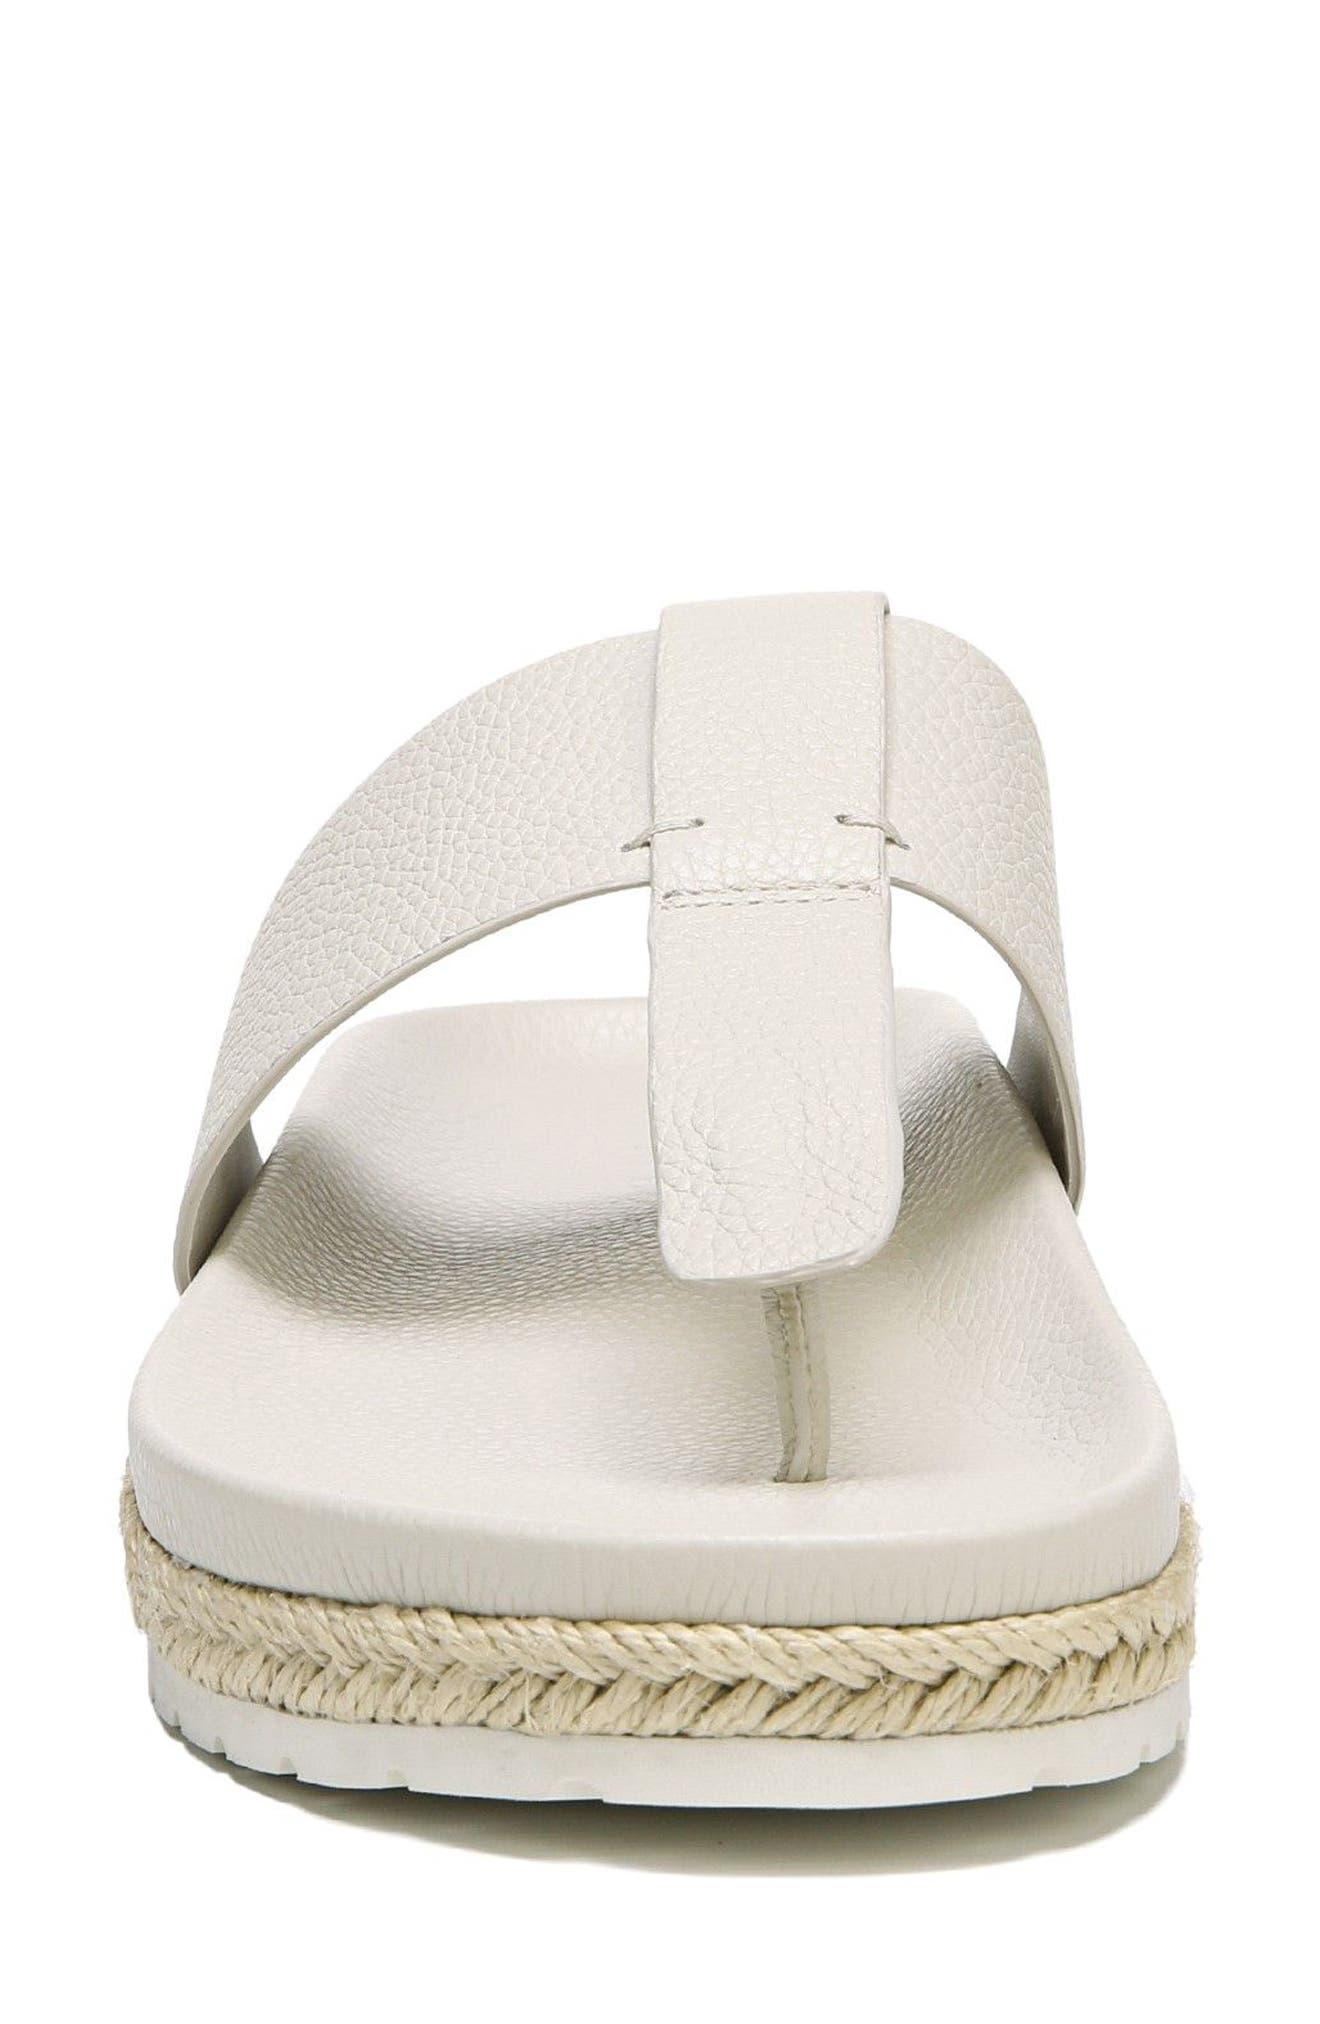 Avani T-Strap Flat Sandal,                             Alternate thumbnail 14, color,